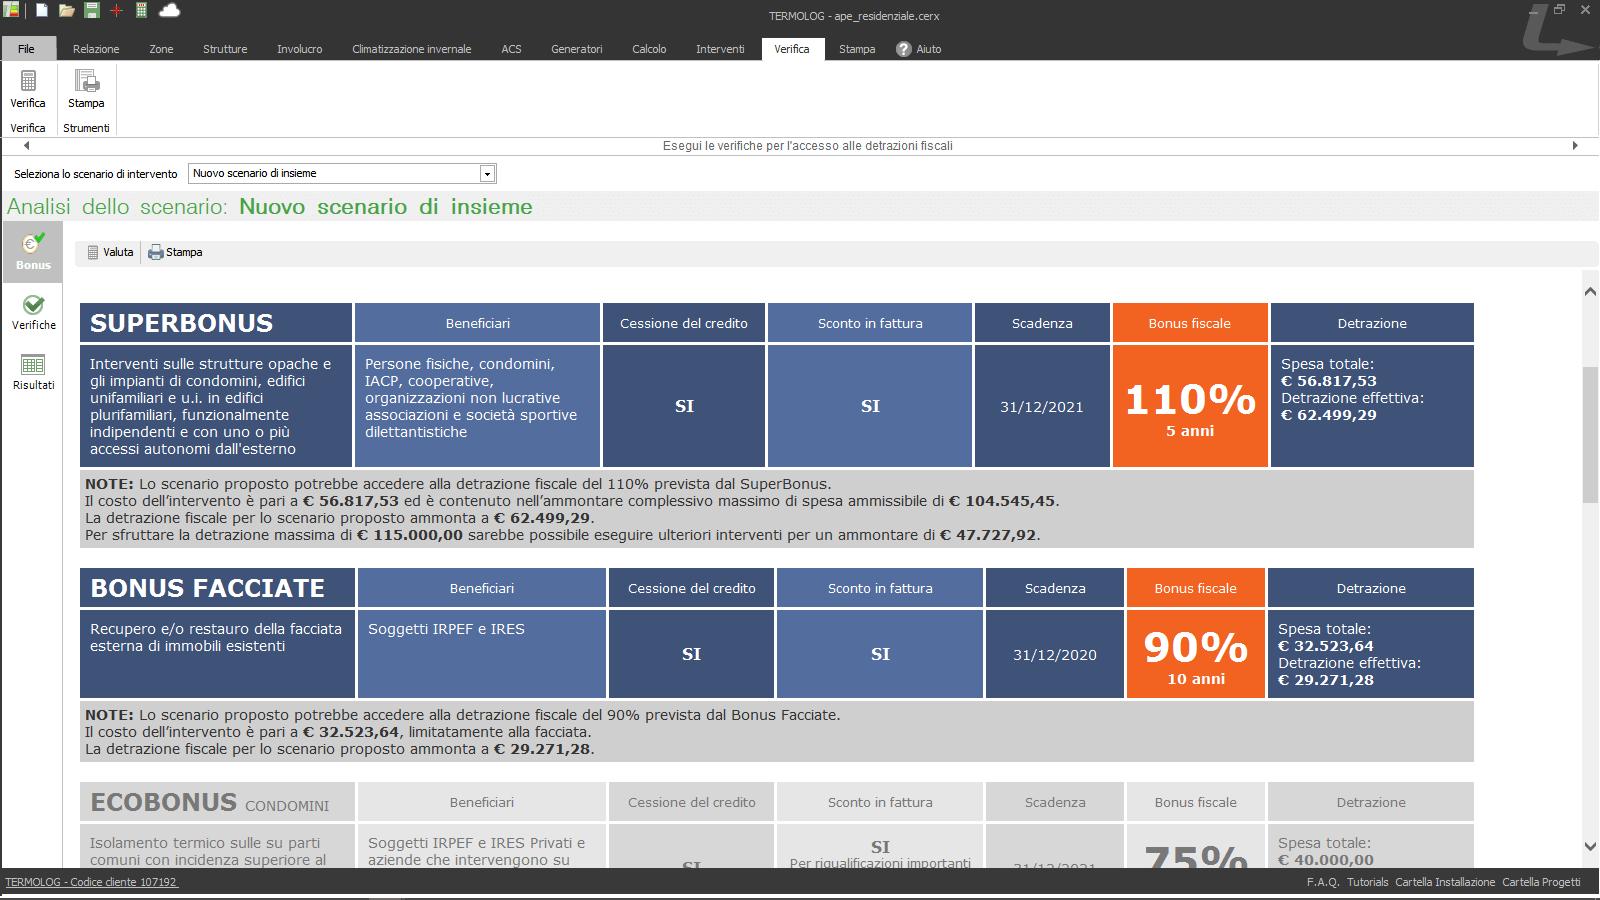 Analisi del Superbonus in TERMOLOG – TERMOLOG suggerisce attraverso note e indicazioni numeriche l'aliquota di detrazione, la spesa massima ammissibile, la detrazione massima e il bonus ottenibile.